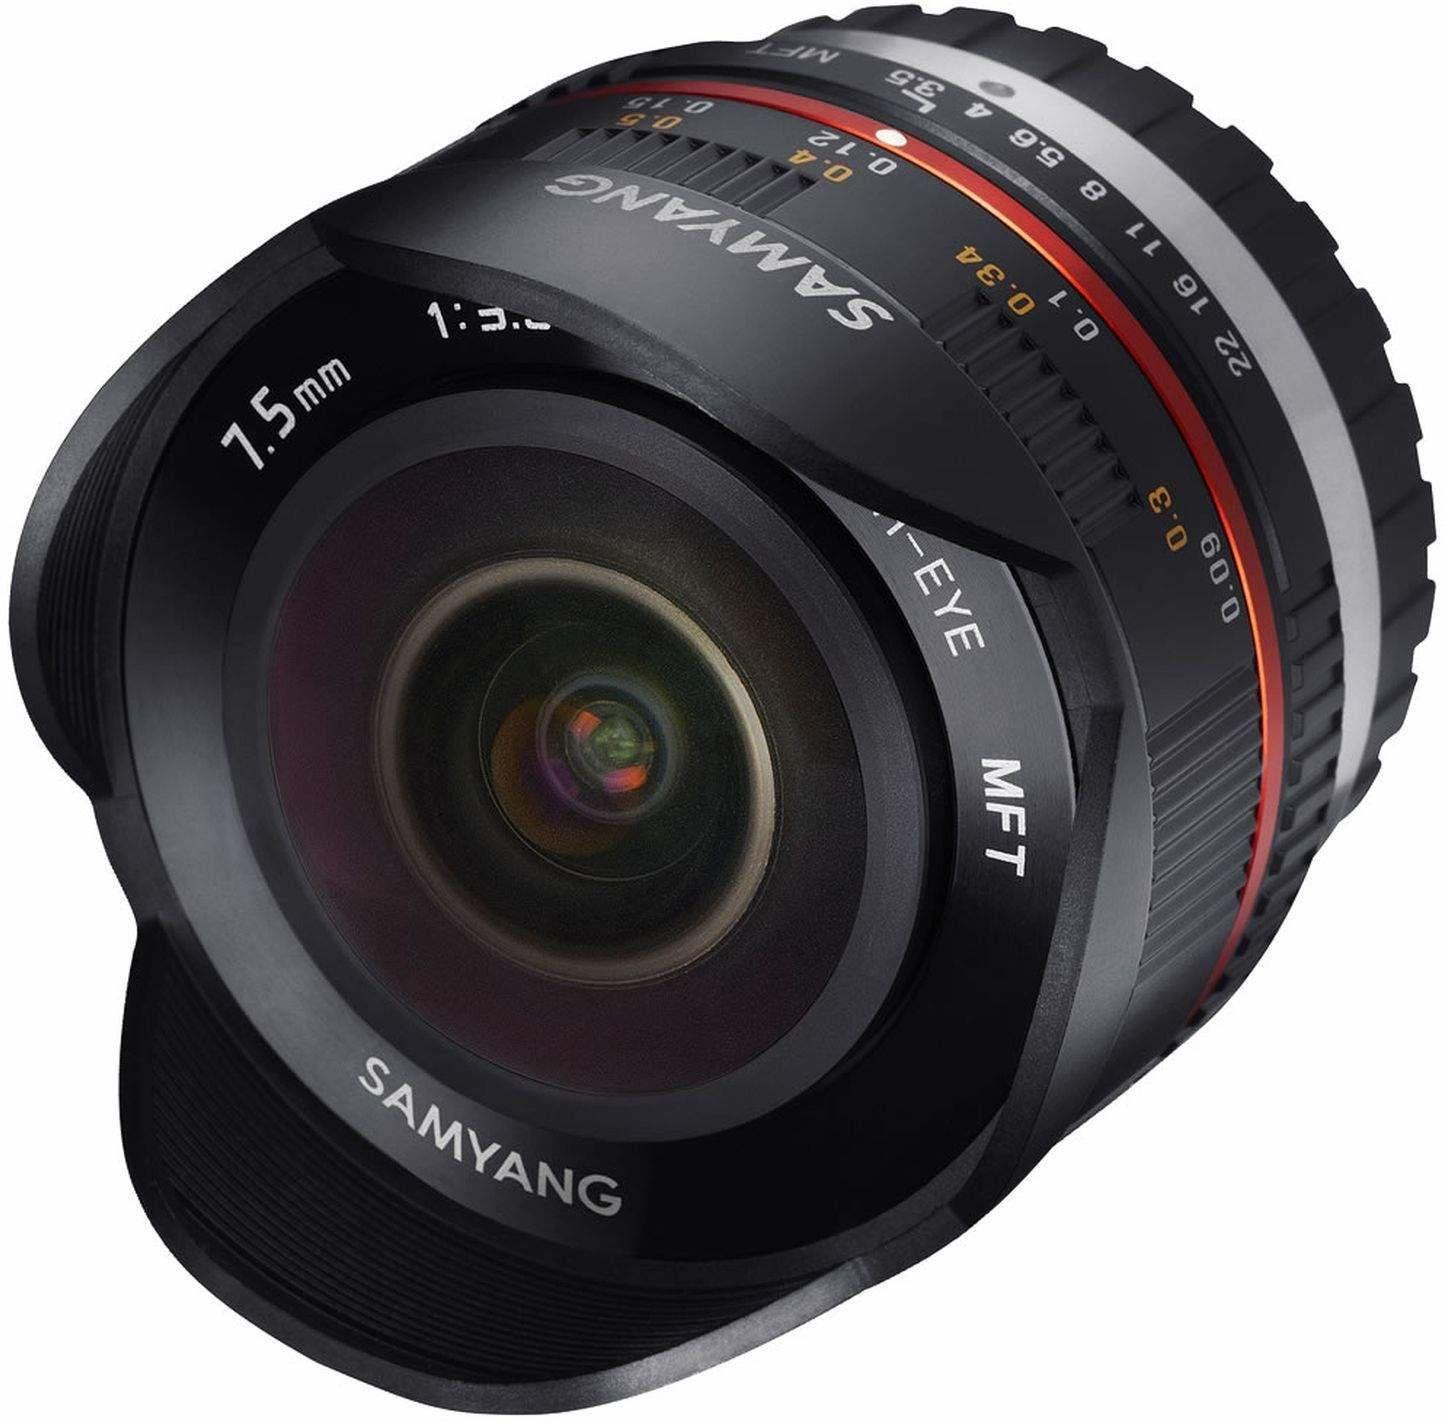 Samyang 7,5 mm rybie oko F3.5 ręczny obiektyw ostrości dla mikro4/3 - czarny